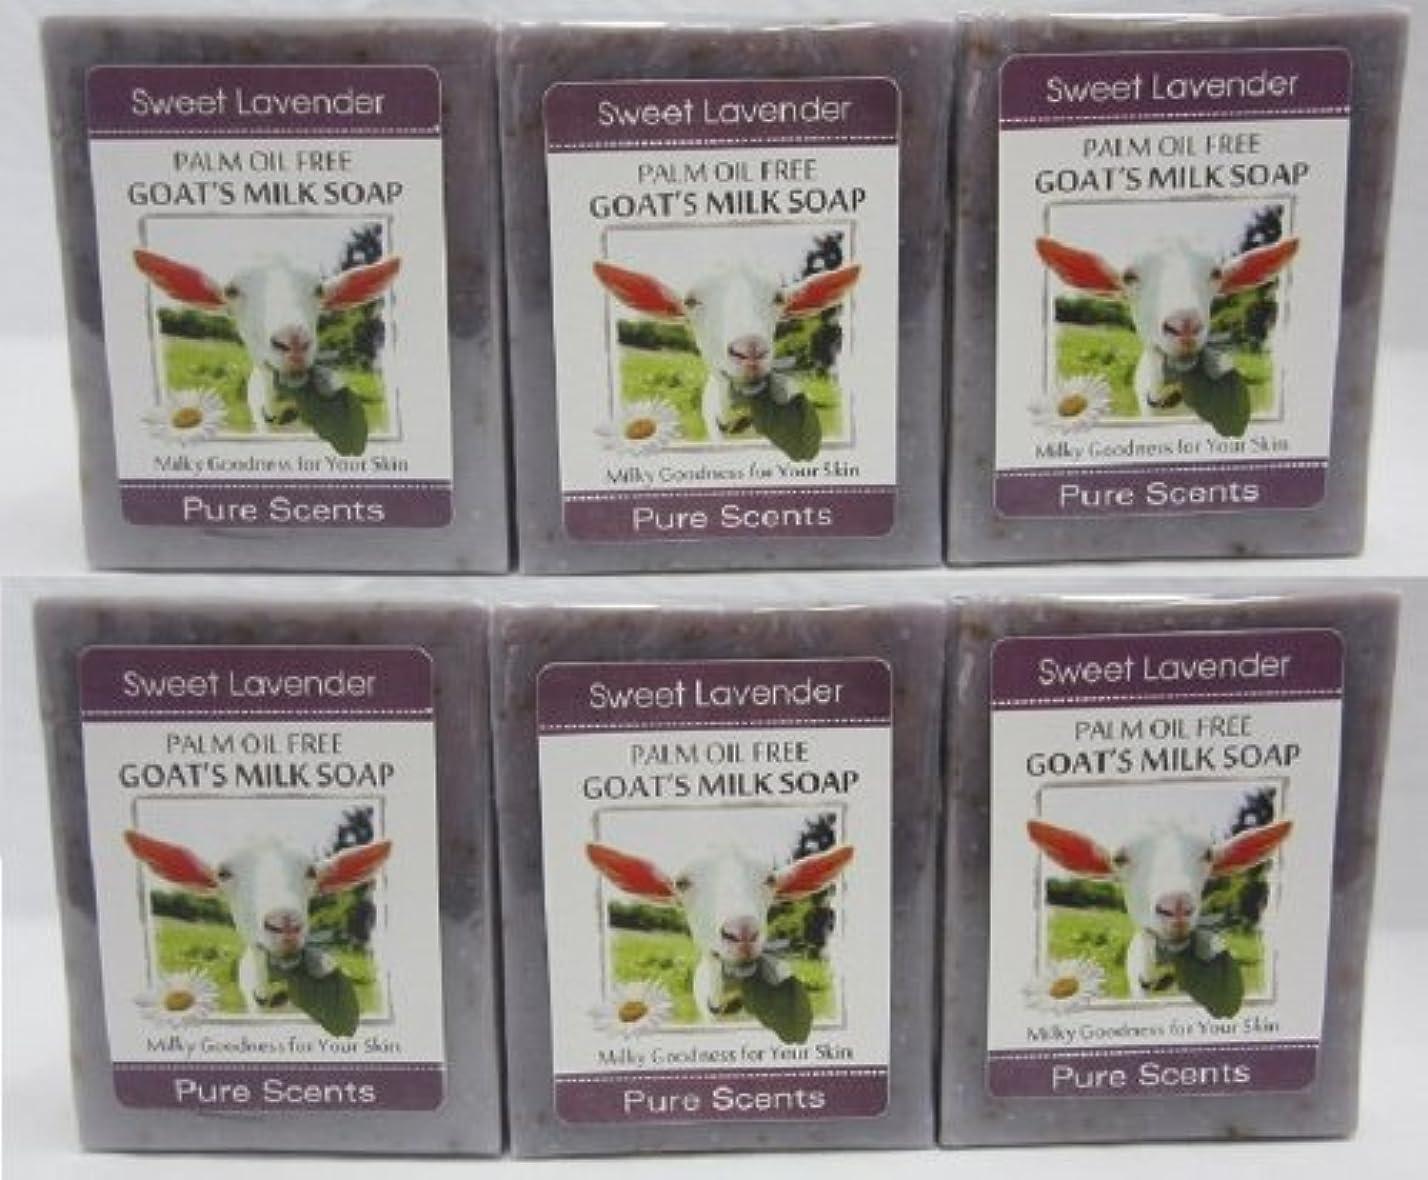 週末弱まるゆでる【Pure Scents】Goat's Milk Soap ヤギのミルクせっけん 6個セット Sweet Lavender スイートラベンダー